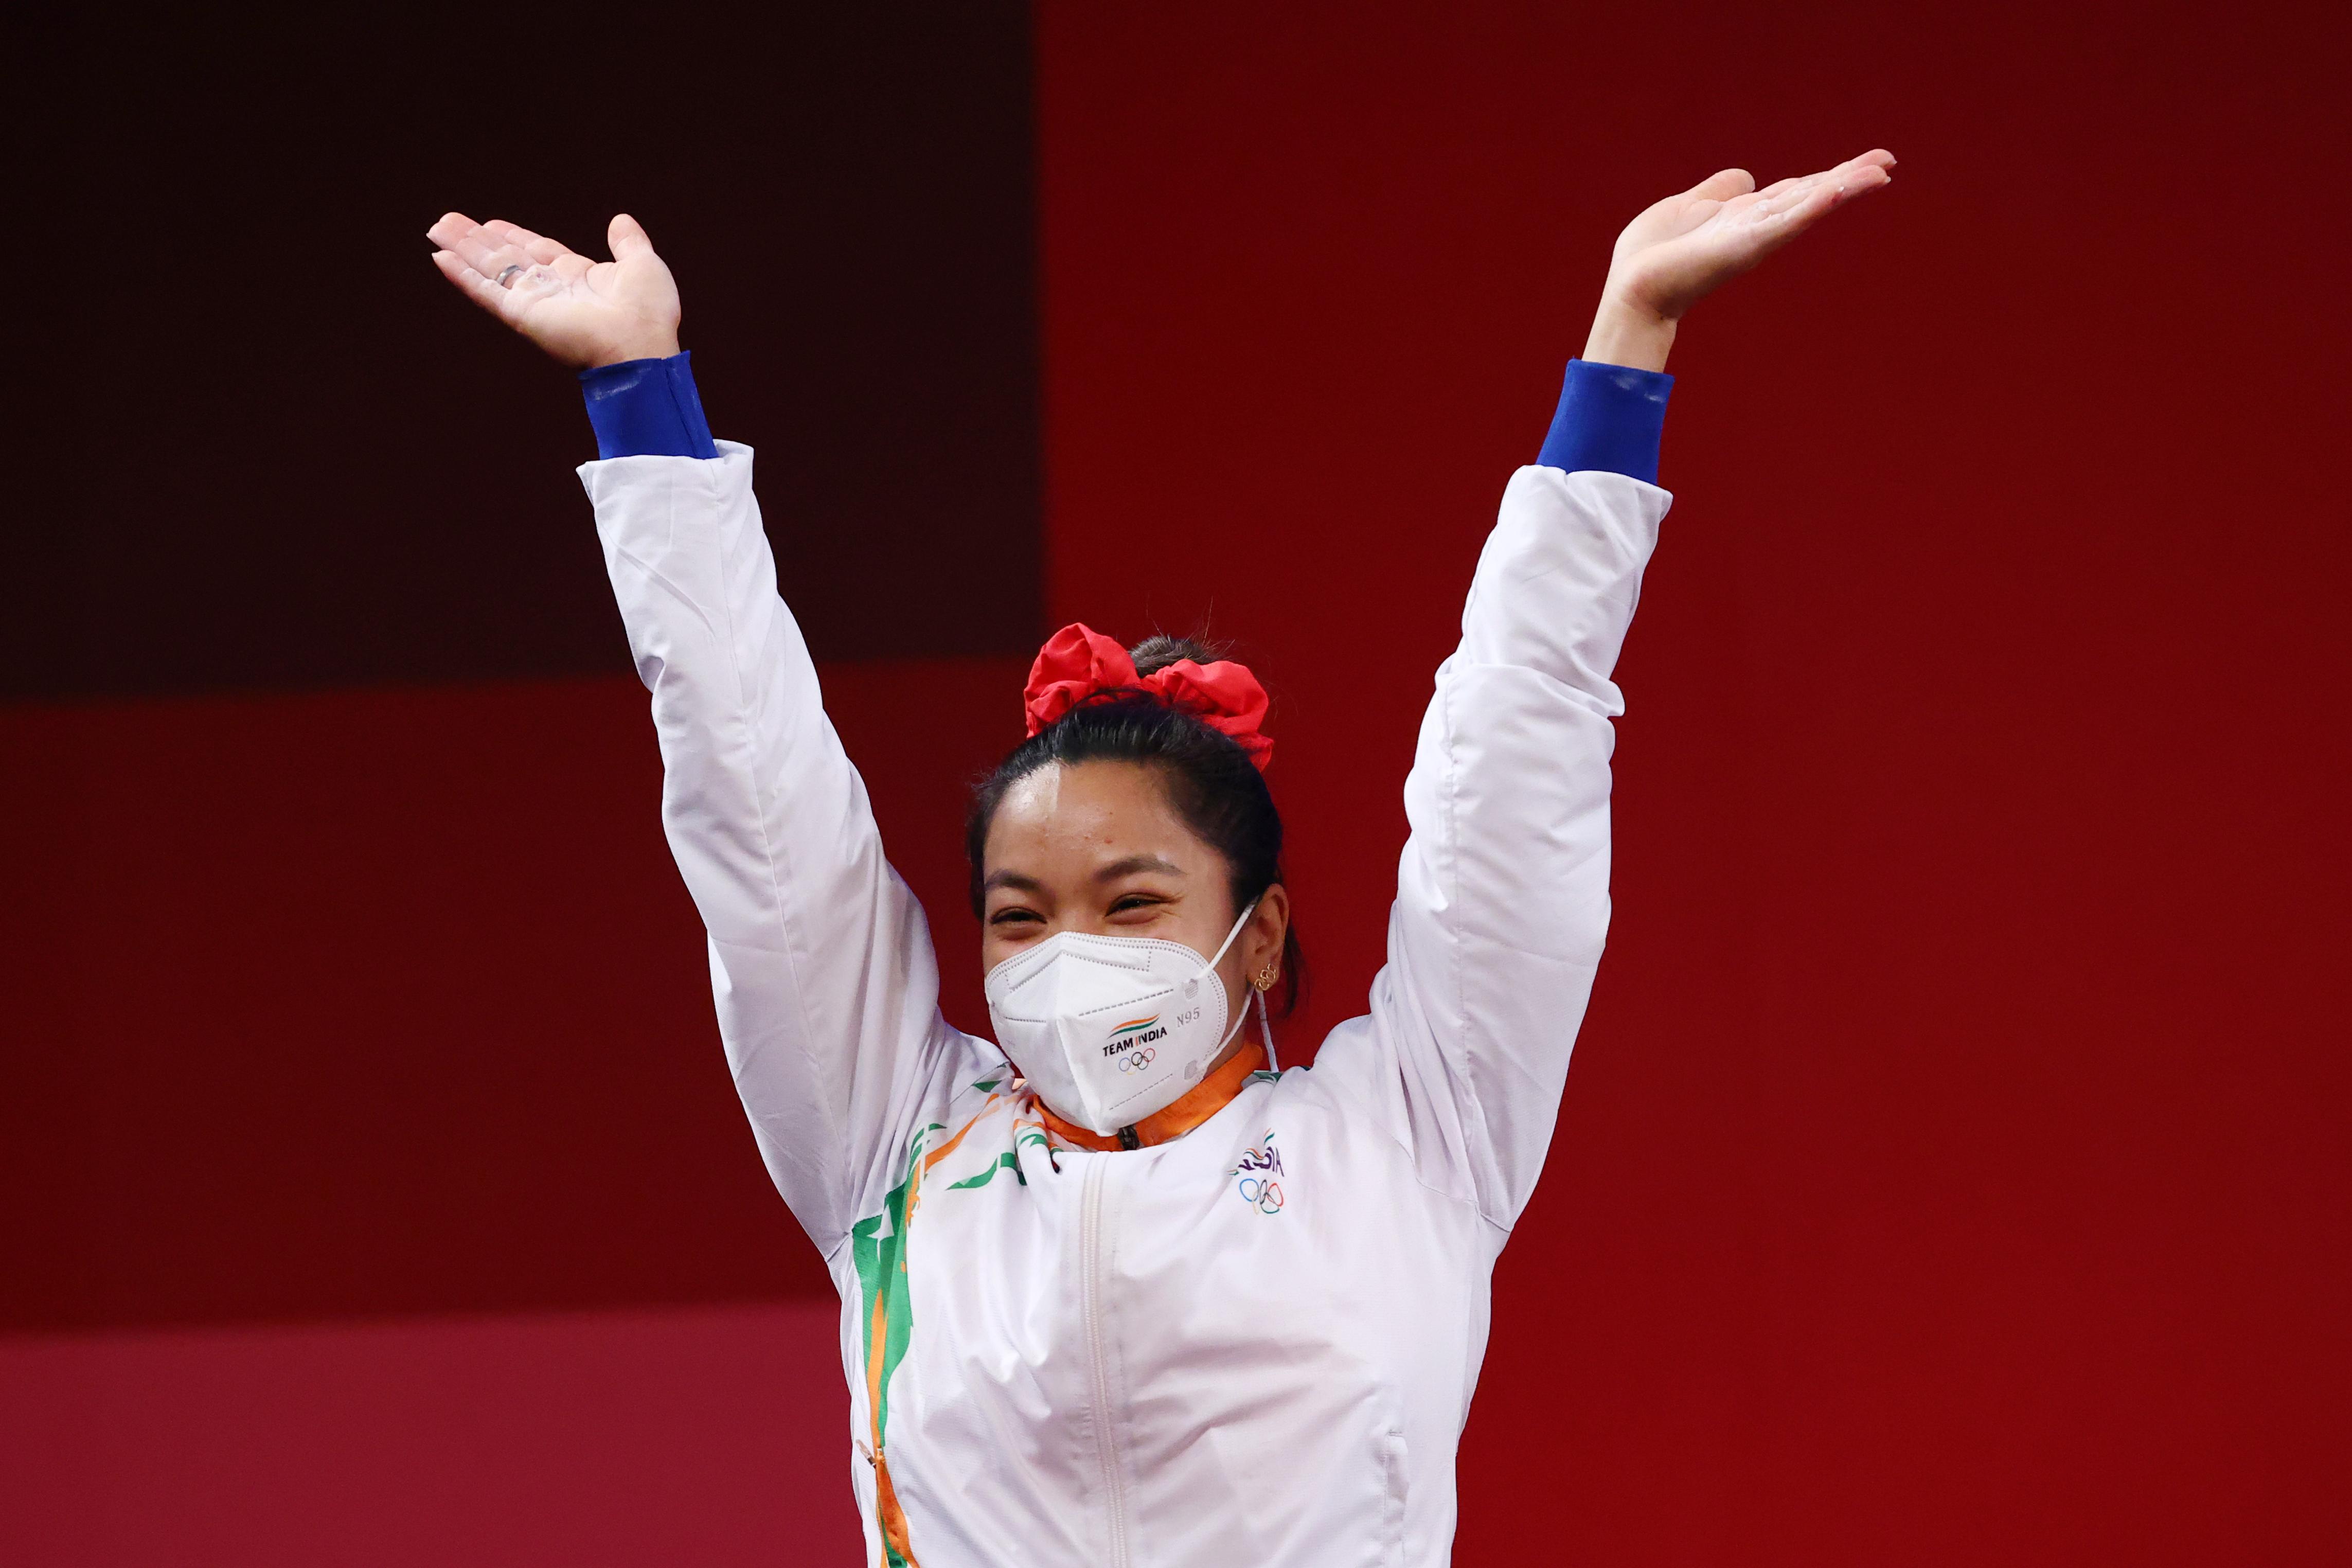 मीराबाई जीत के बाद काफी खुश नजर आईं। उन्होंने इस दौरान डांस भी किया।